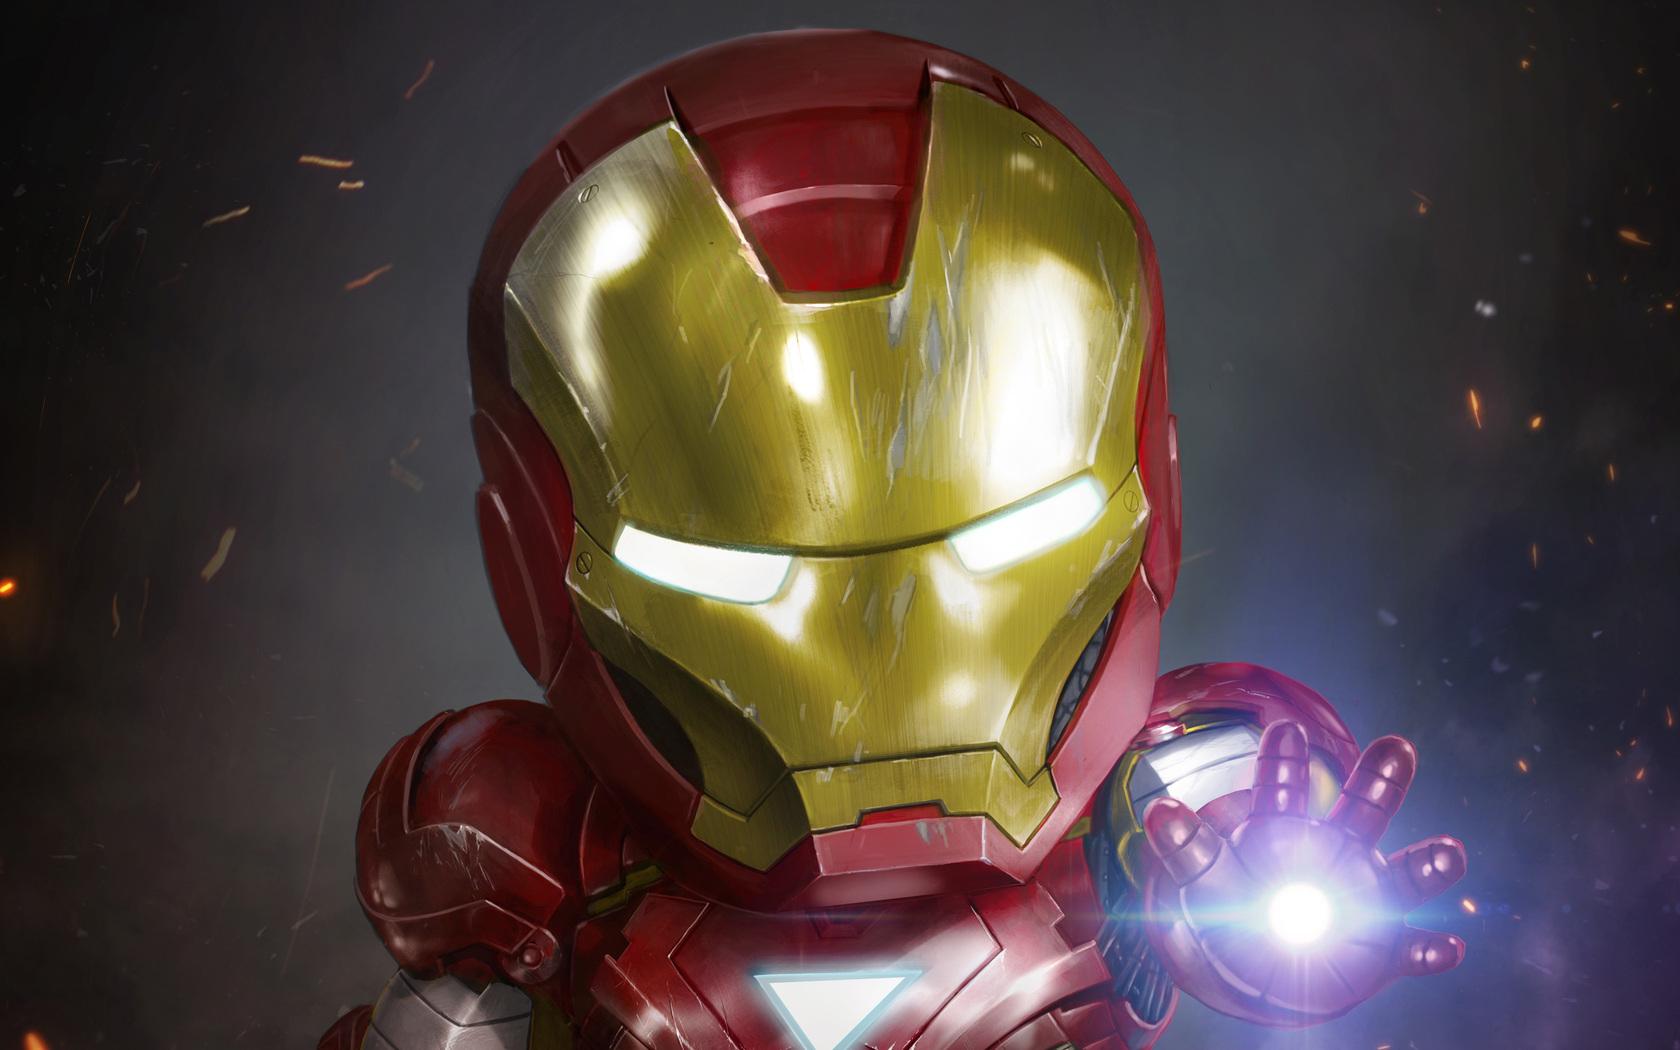 chibi-iron-man-artwork-iv.jpg